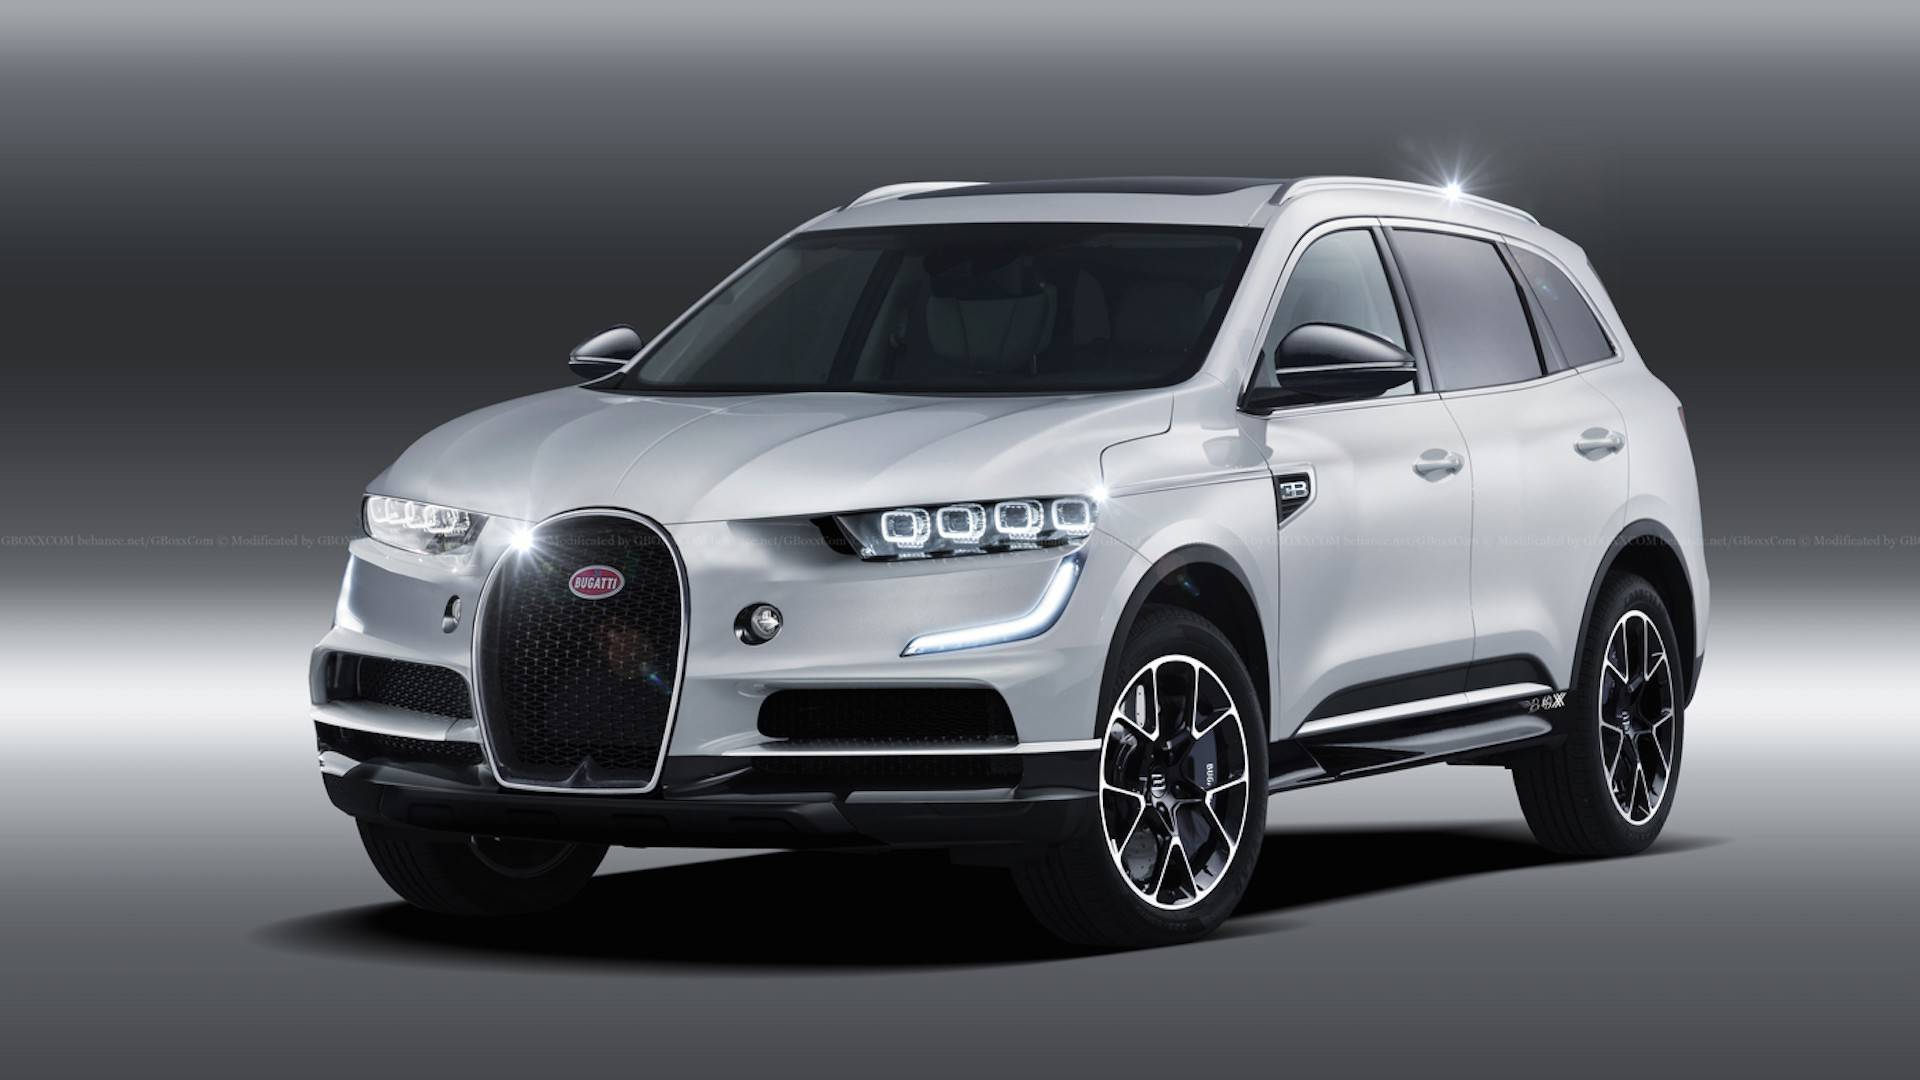 El SUV de Bugatti toma forma, ¡nuevos datos!